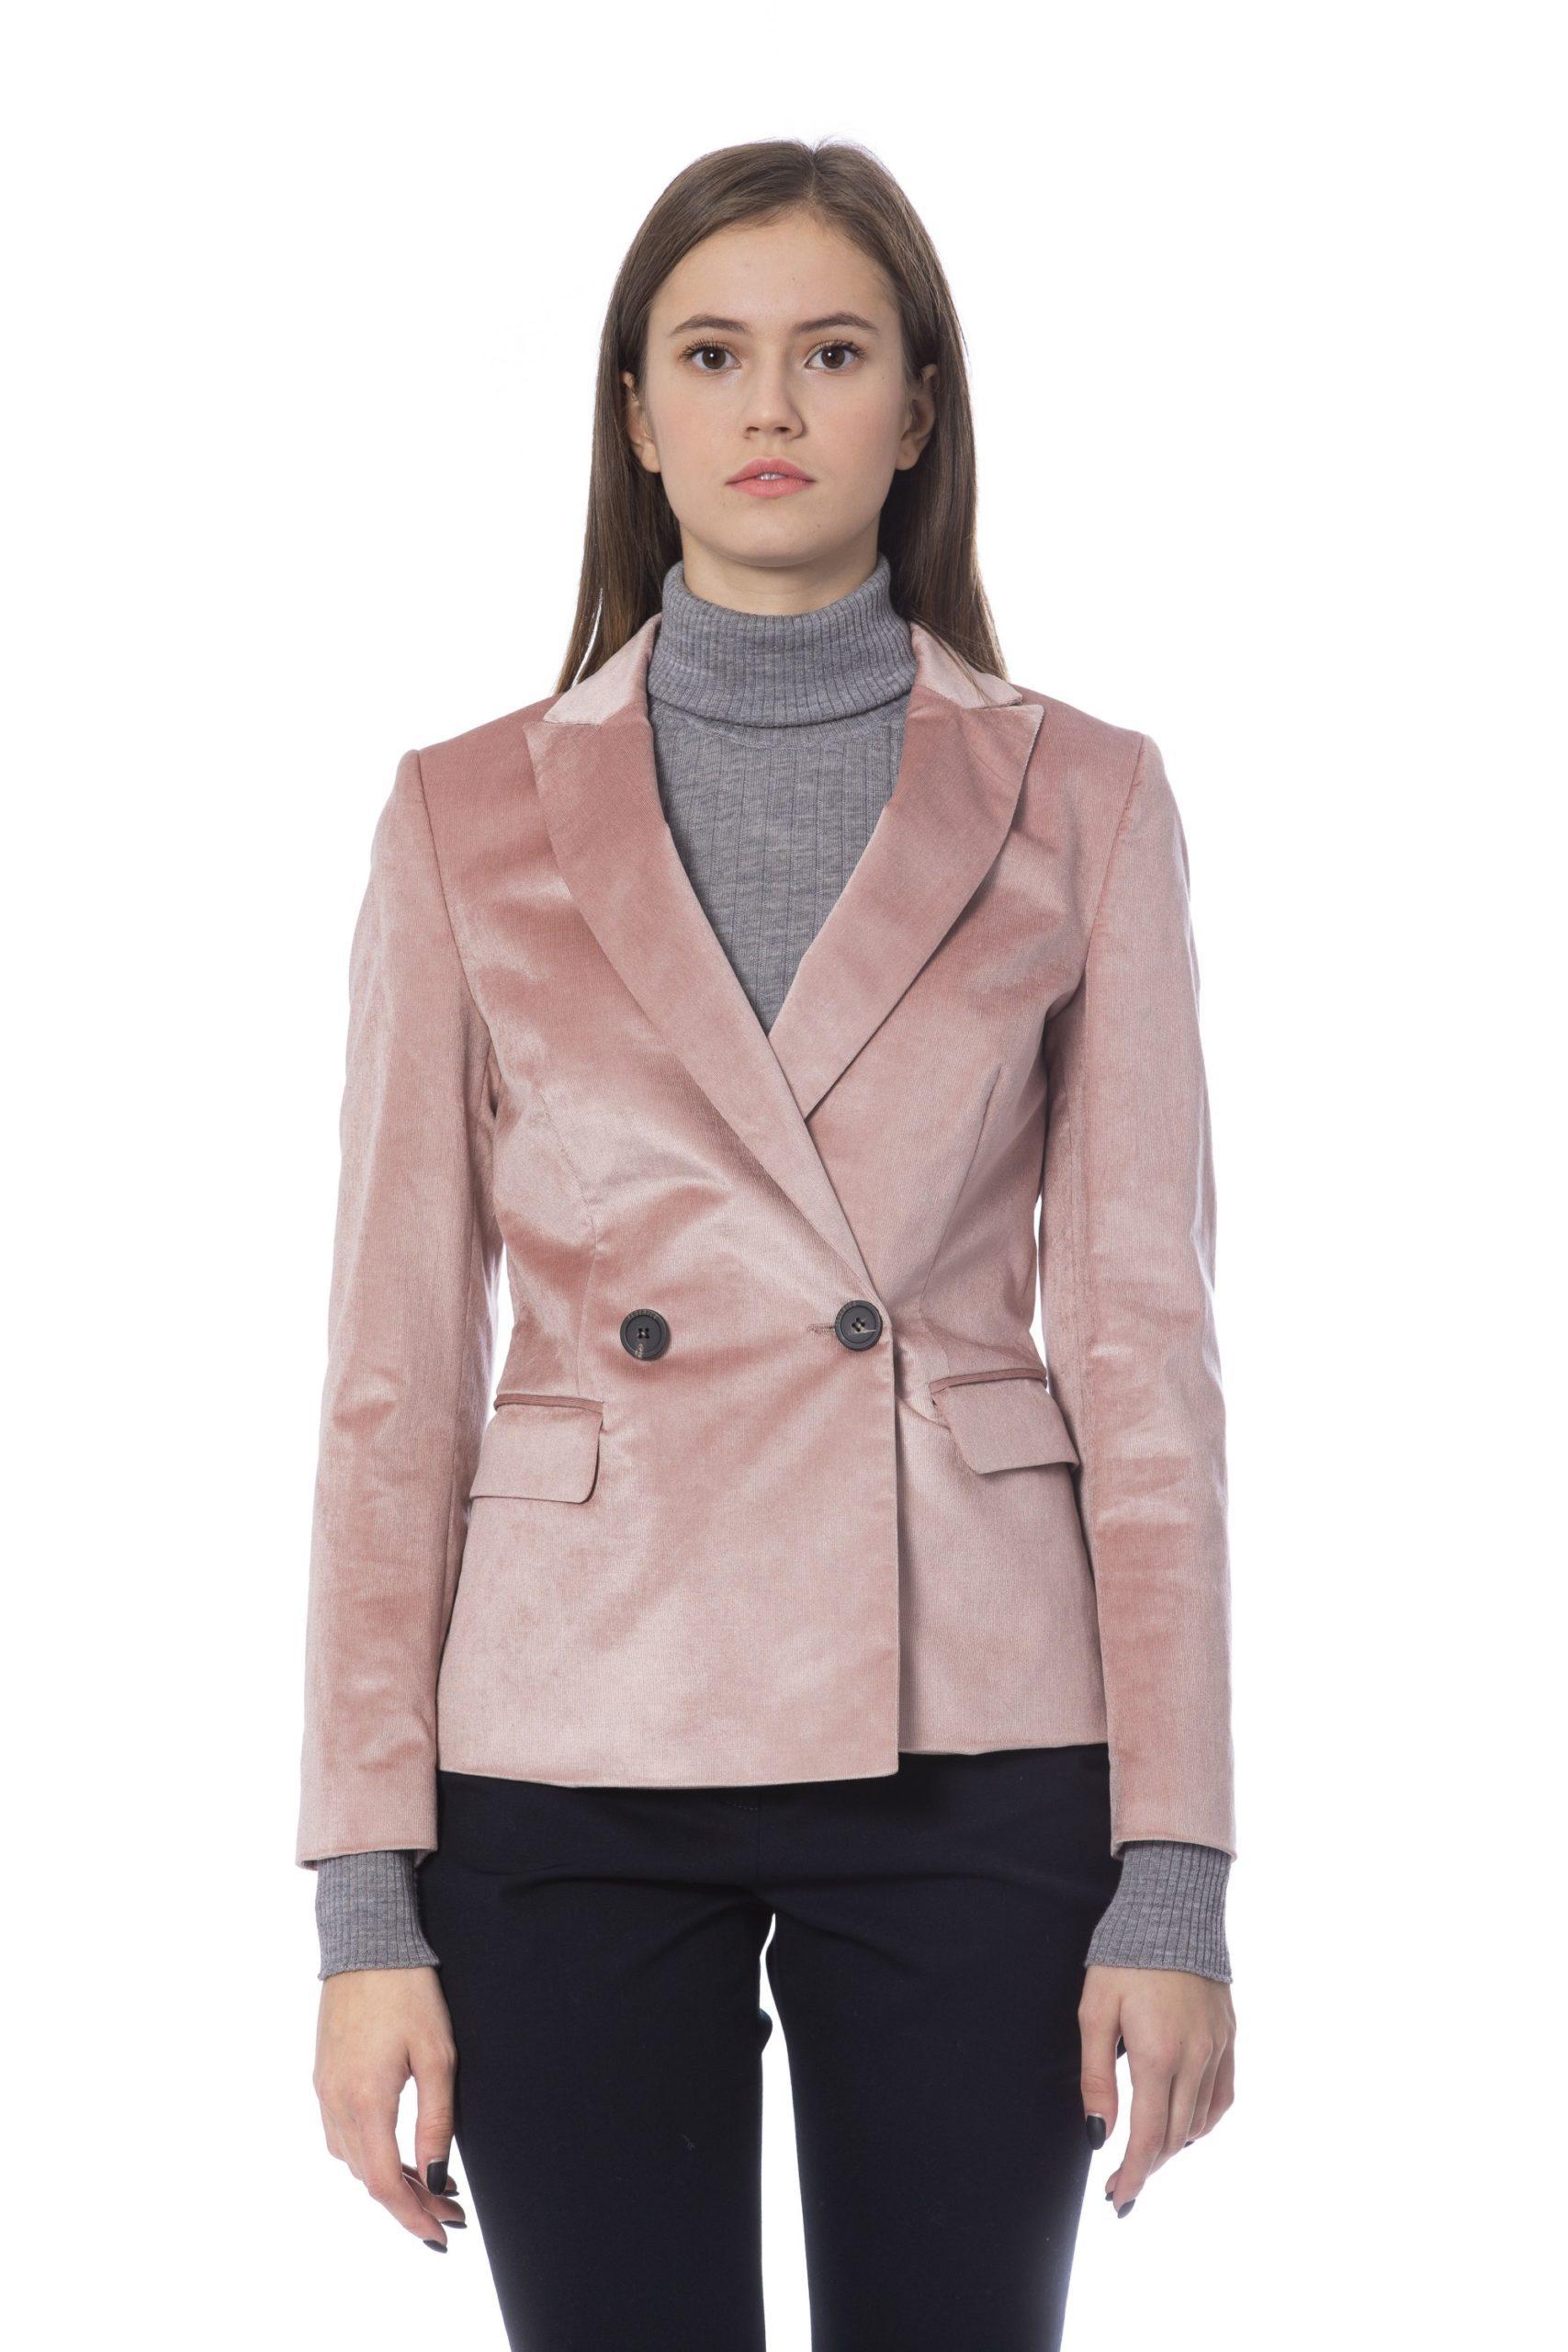 Peserico Women's Jacket Pink PE854240 - IT42   S